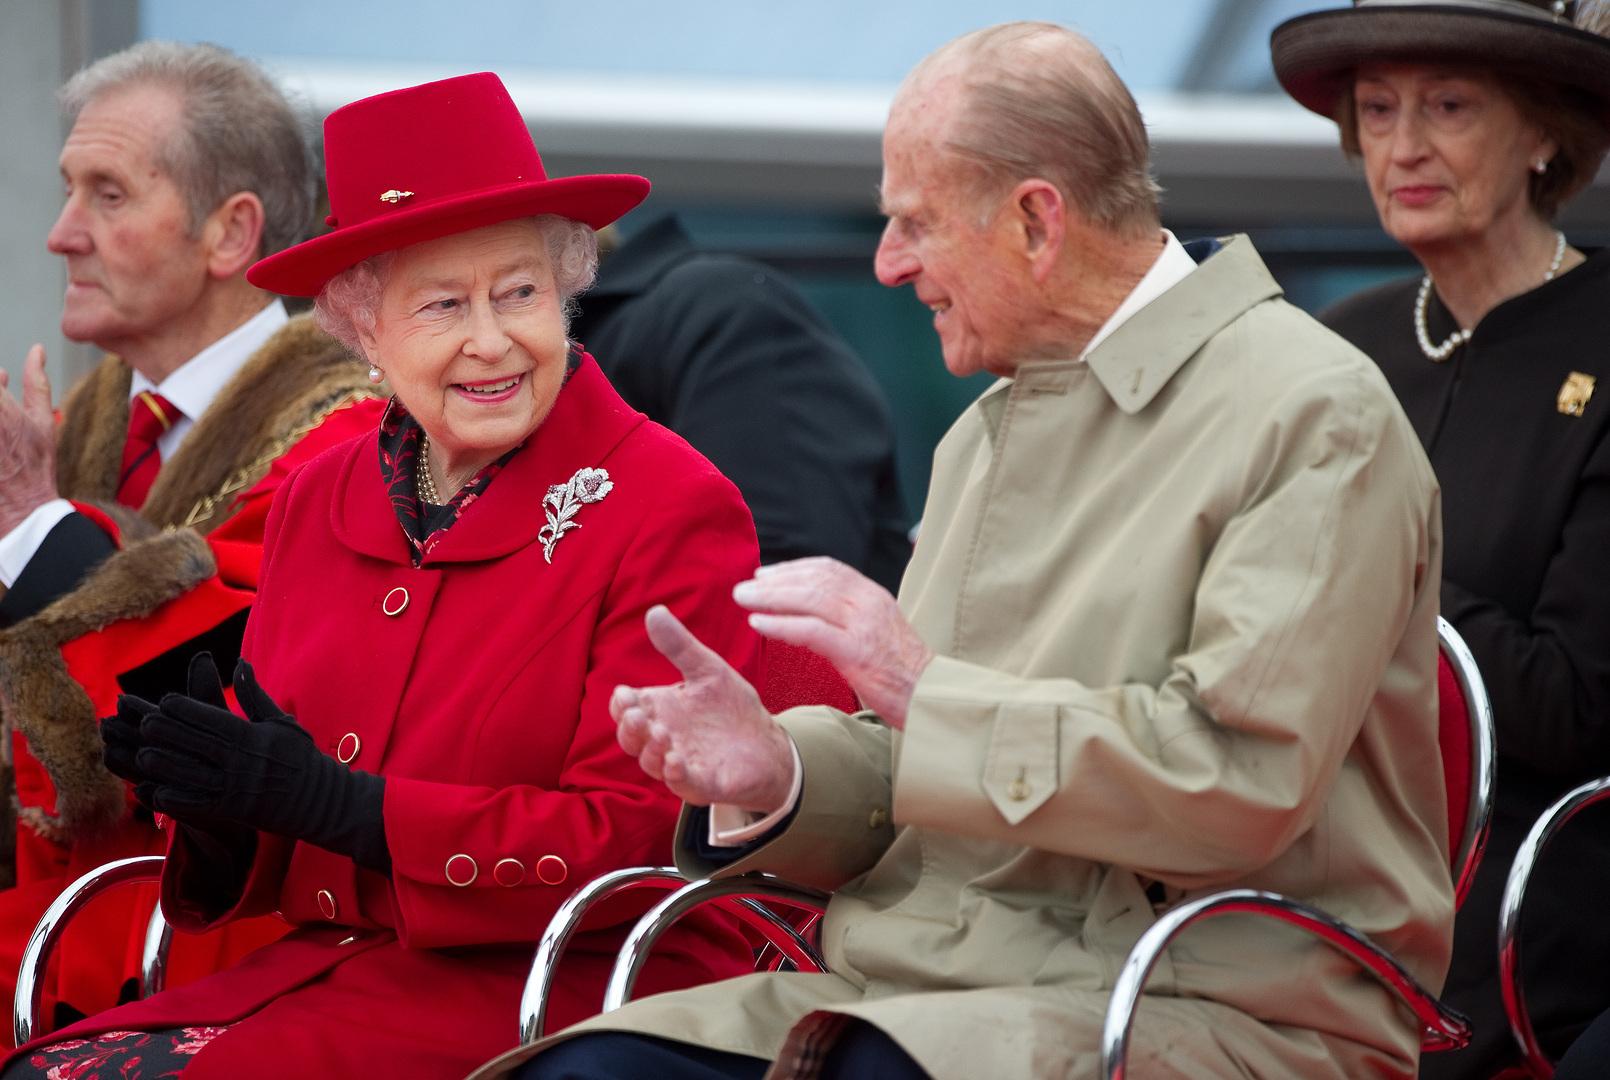 الأمير البريطاني الراحل فيليب والملكة البريطانية إليزابيث